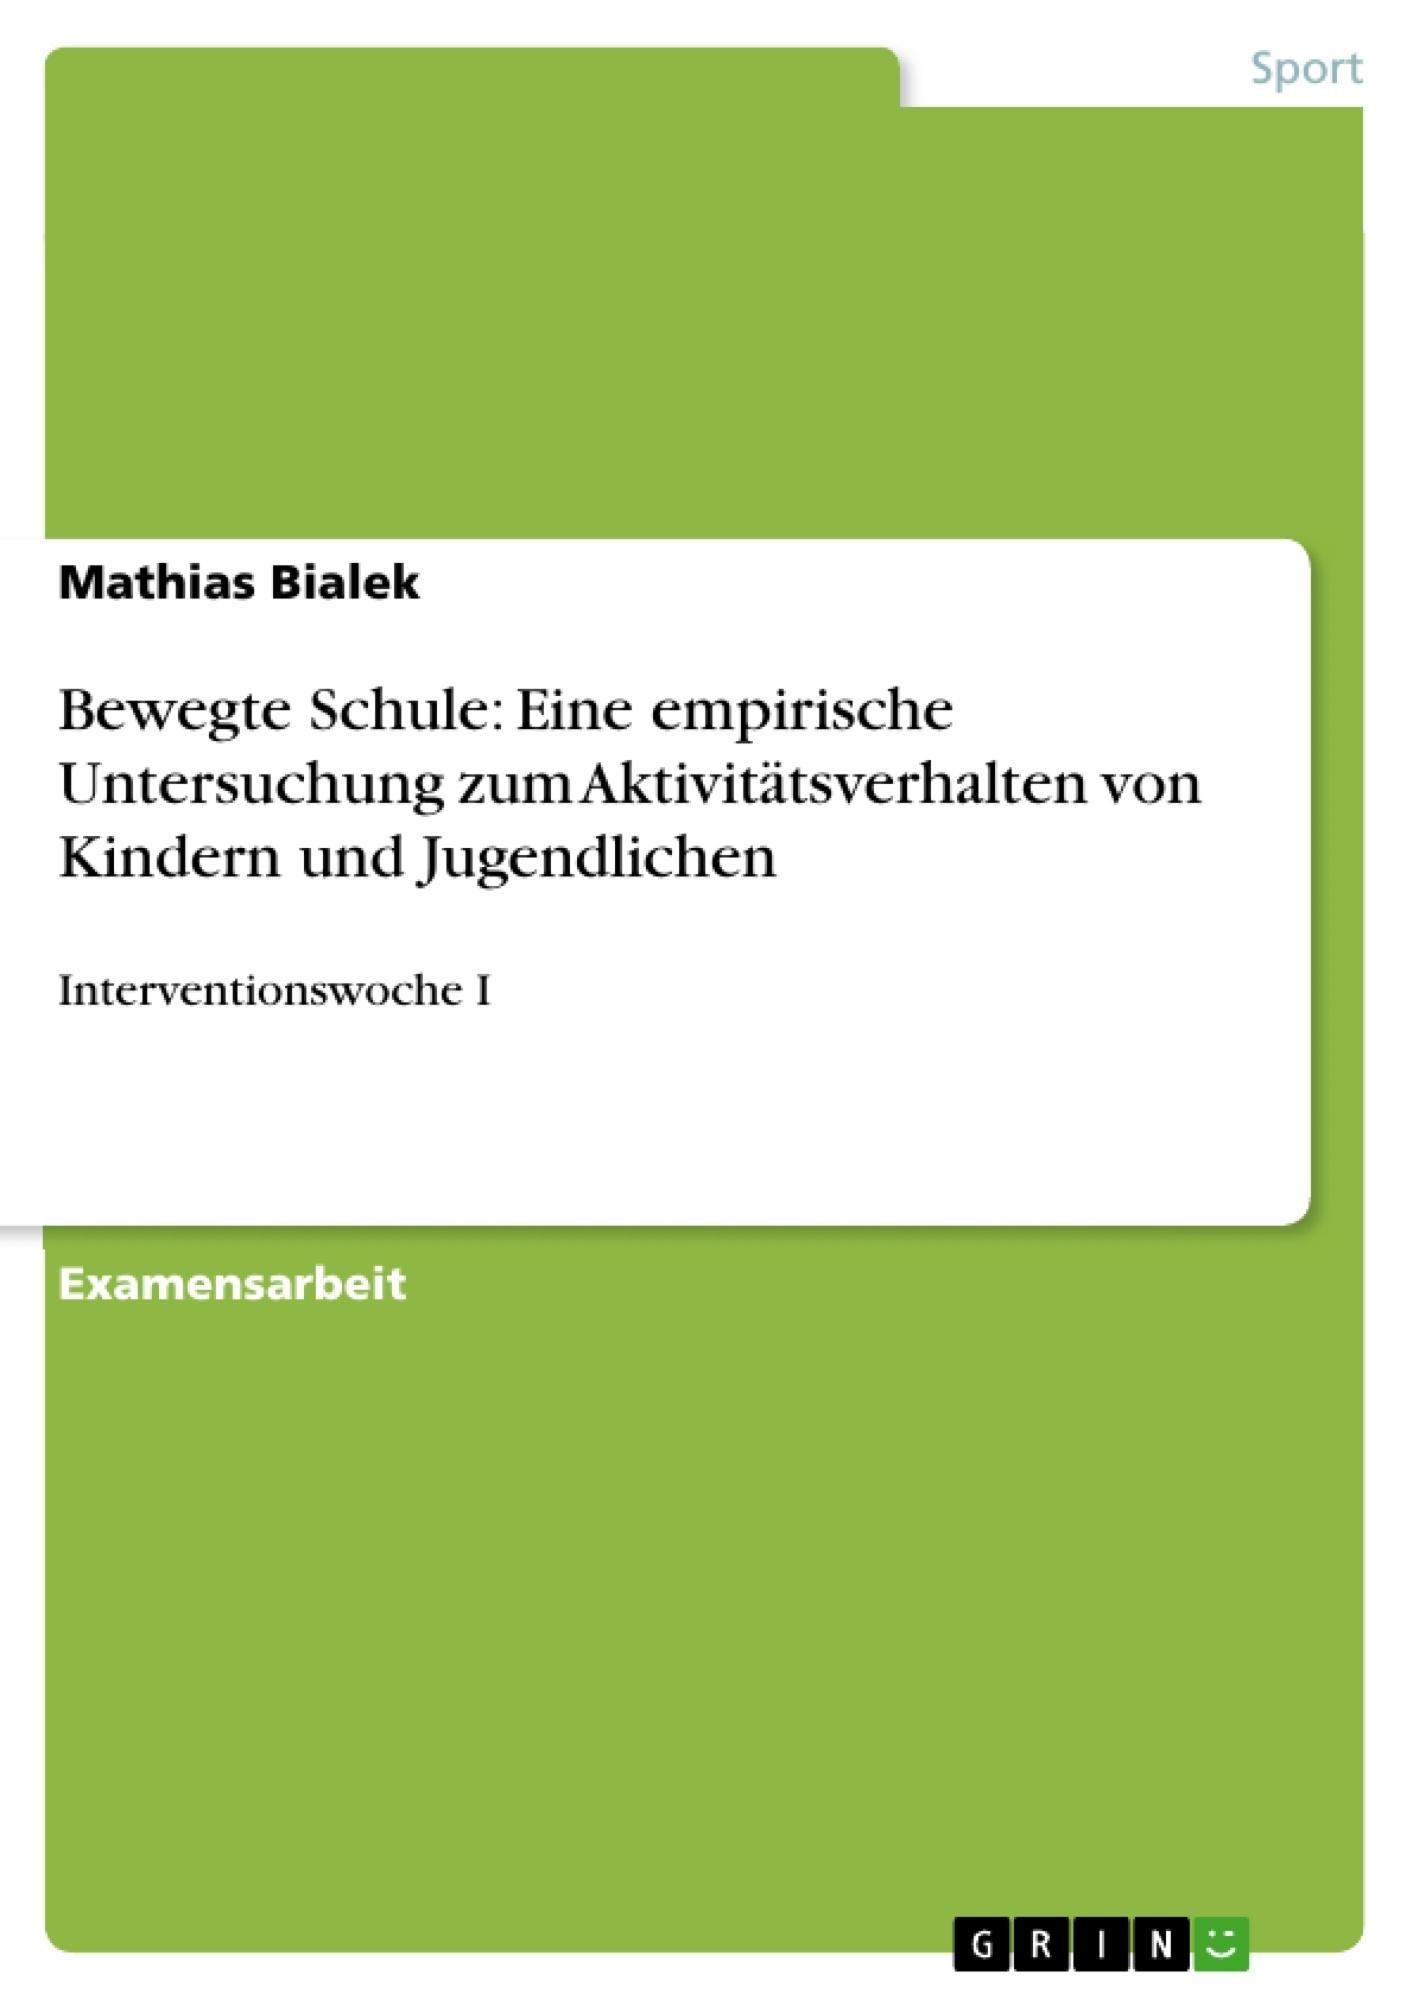 Titel: Bewegte Schule: Eine empirische Untersuchung zum Aktivitätsverhalten von Kindern und Jugendlichen